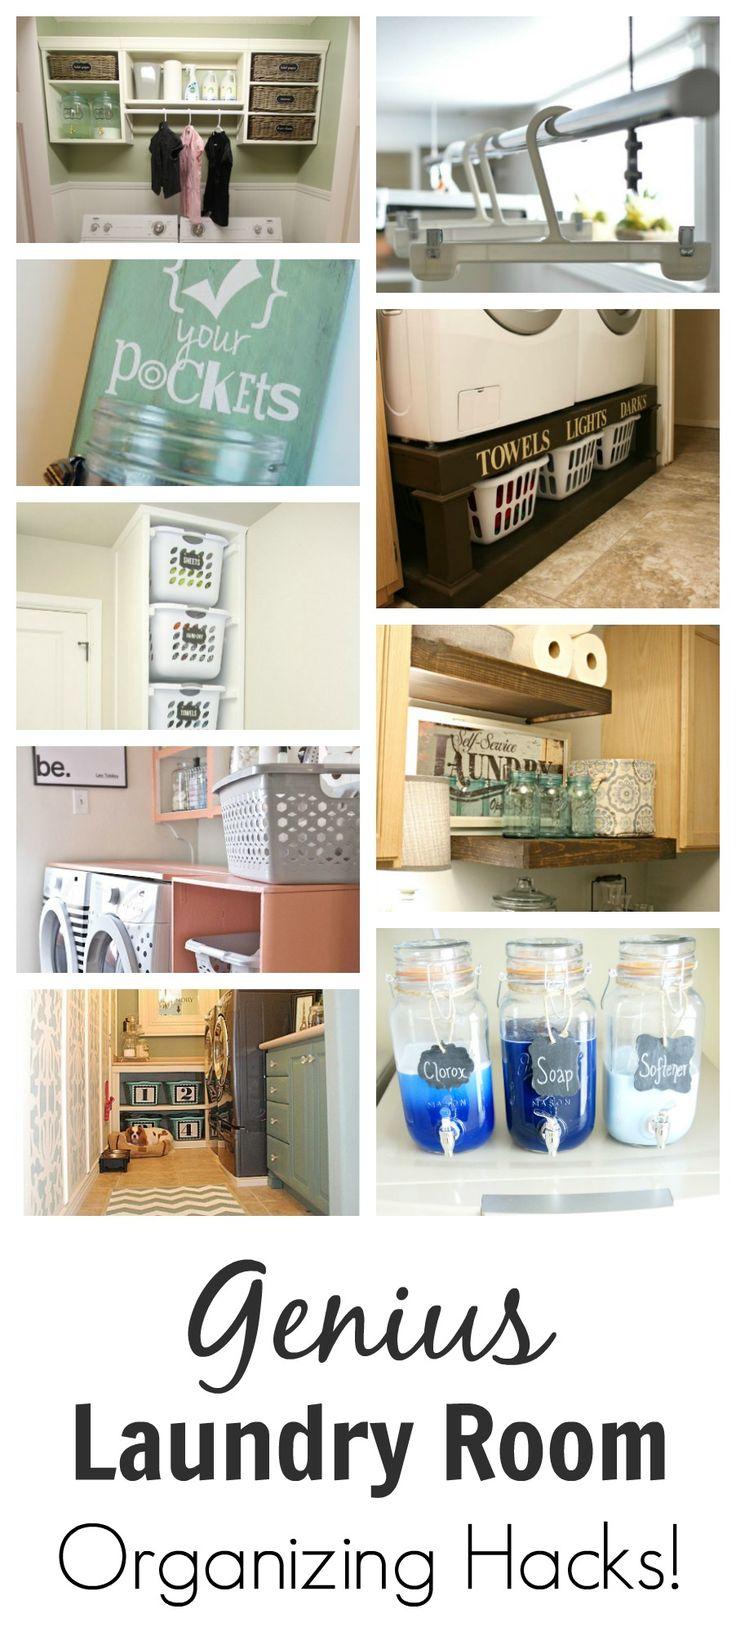 Organized laundry room hacks pottery pottery barn and for Pottery barn laundry room